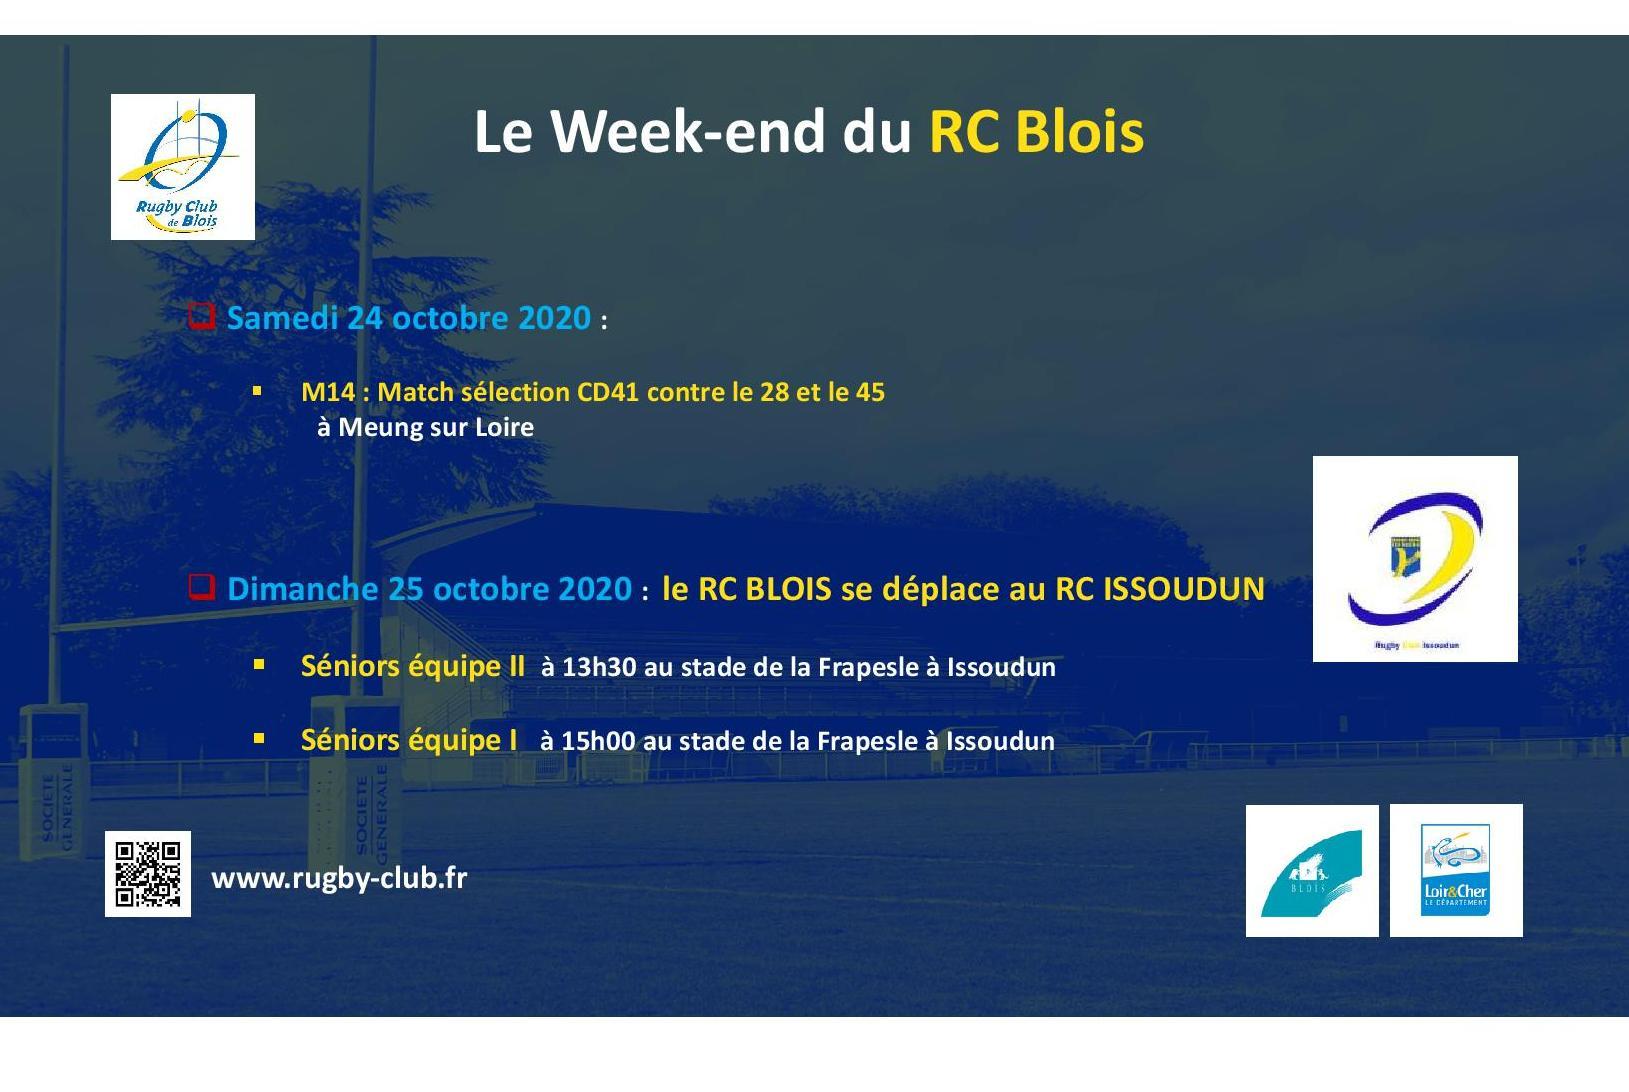 Le RC Blois vous annonce les matchs du week-end des 24 et 25 octobre 2020